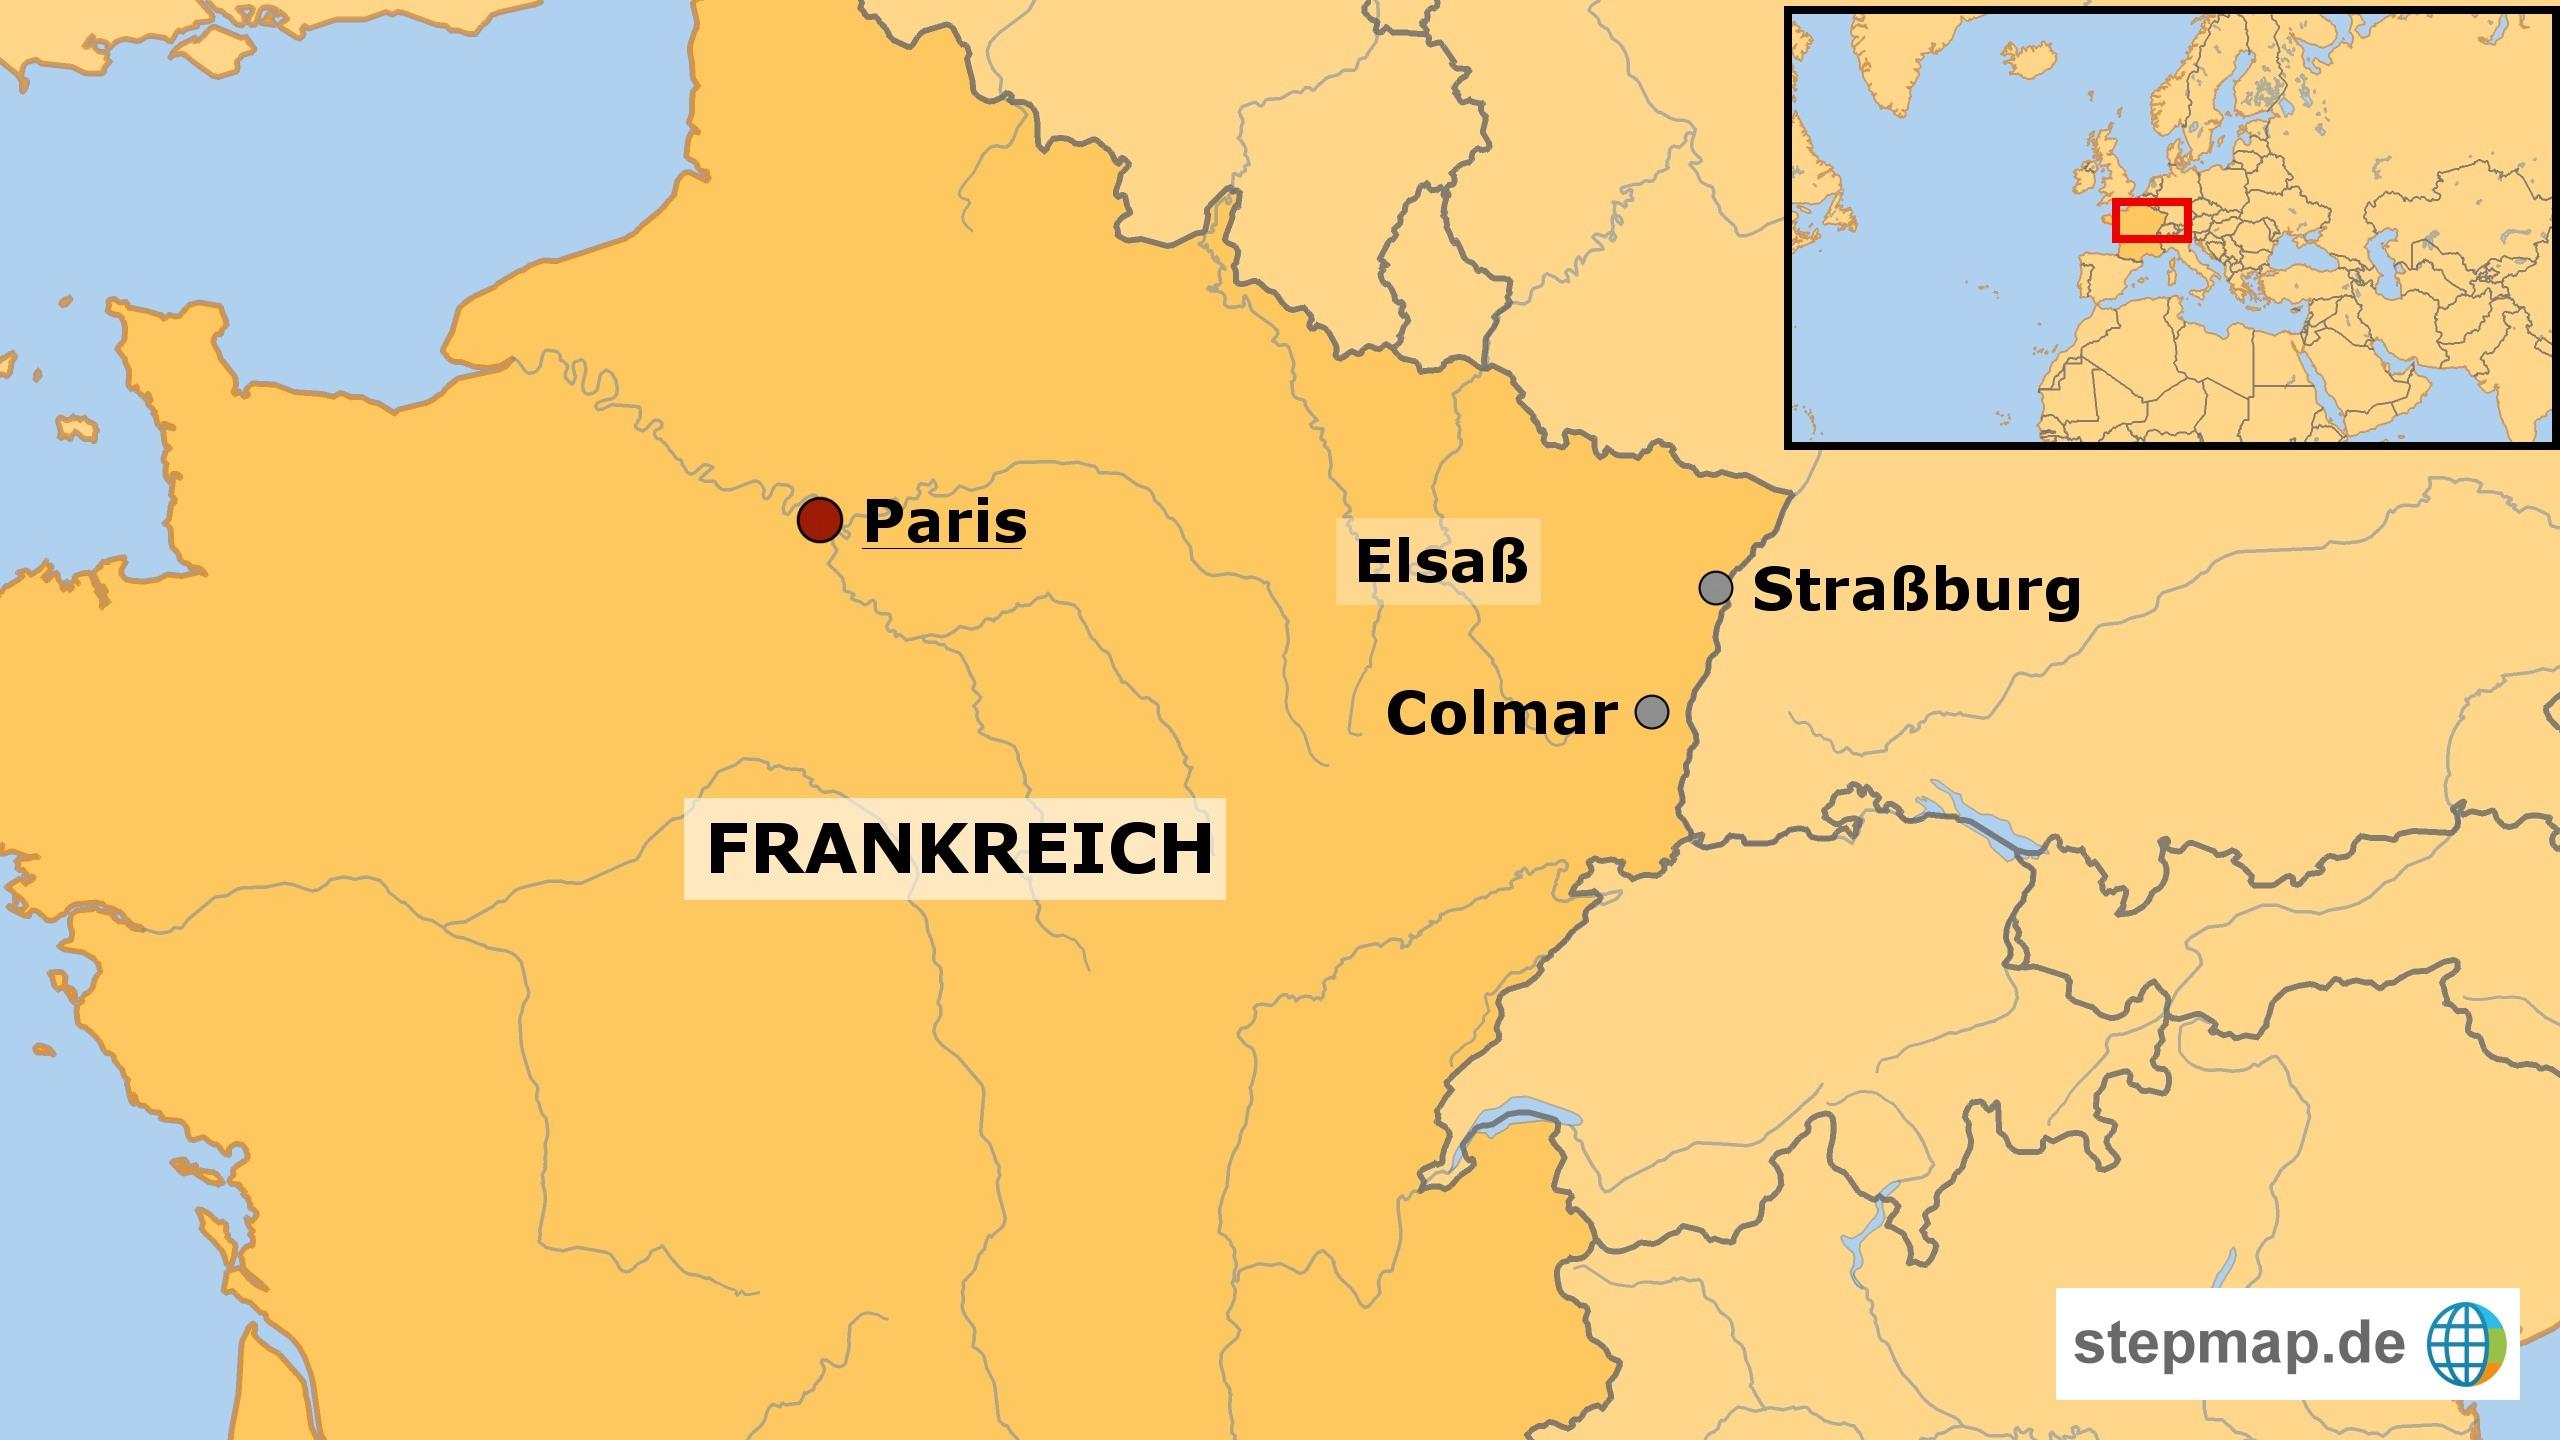 Elsass Karte Colmar.Standortreise Frankreich Weinregion Elsass